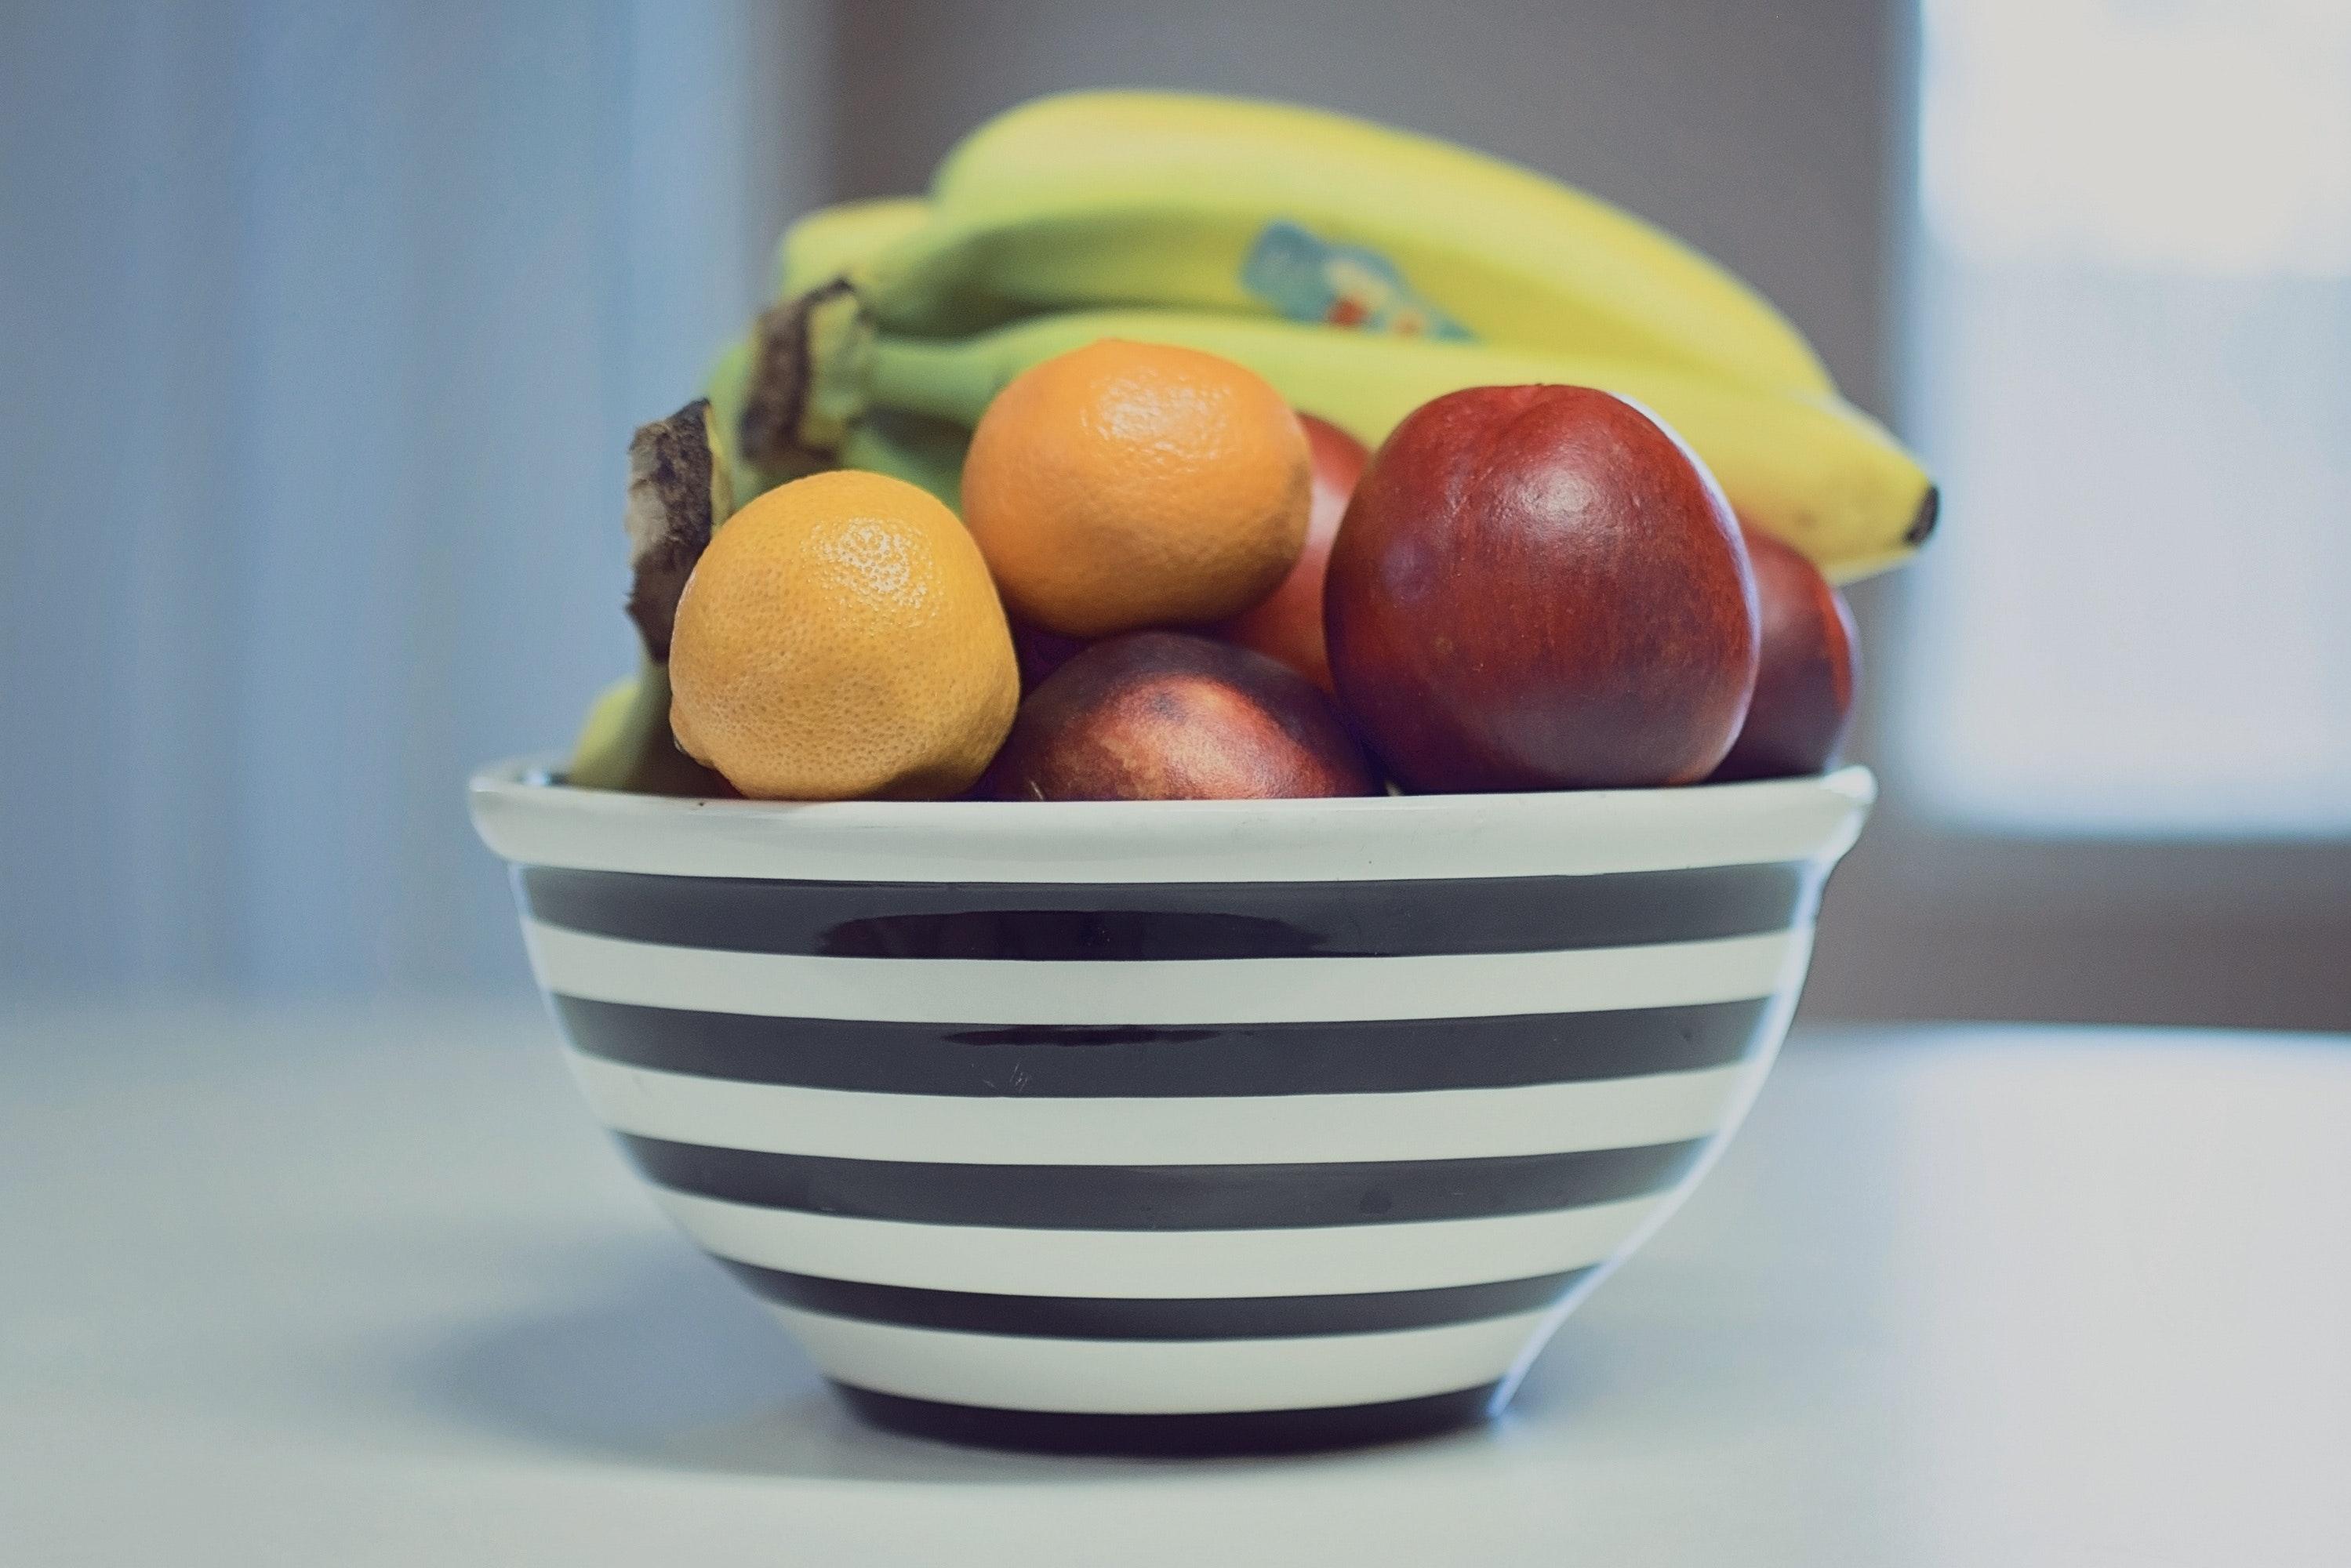 La fruta… ¿mejor conservarla en la nevera o fuera de ella?